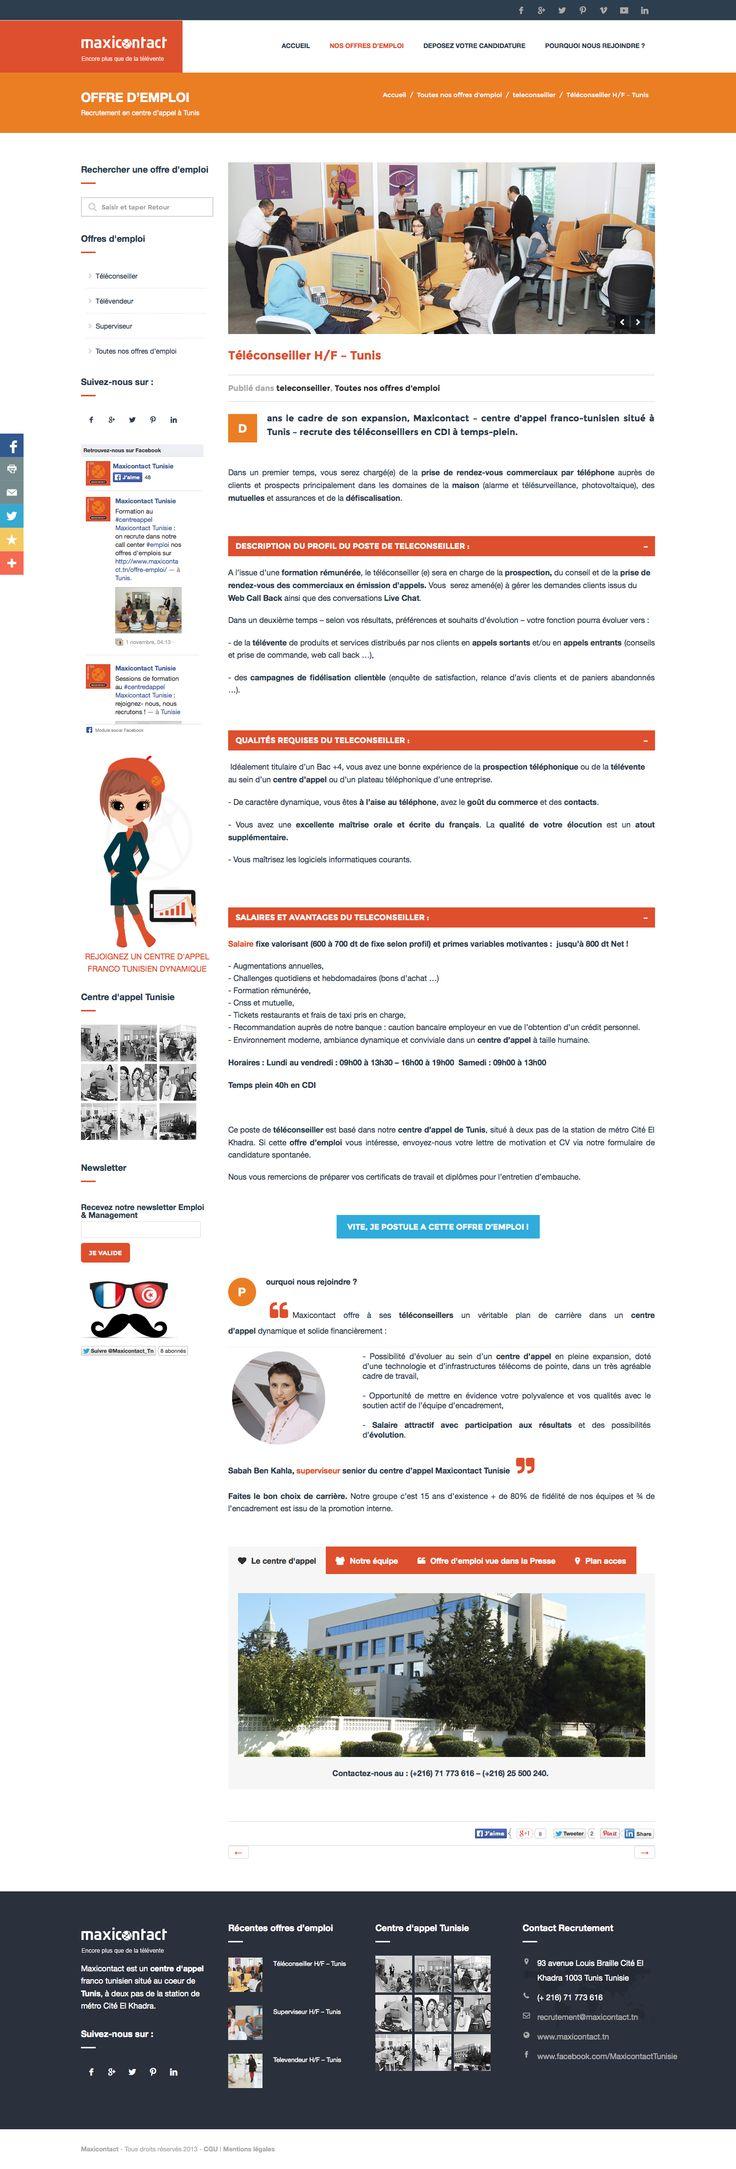 Site de recrutement du centre d'appel Maxicontact Tunisie : offre d'emploi teleconseiller publié sur http://www.maxicontact.tn/teleconseiller/ #centreappel